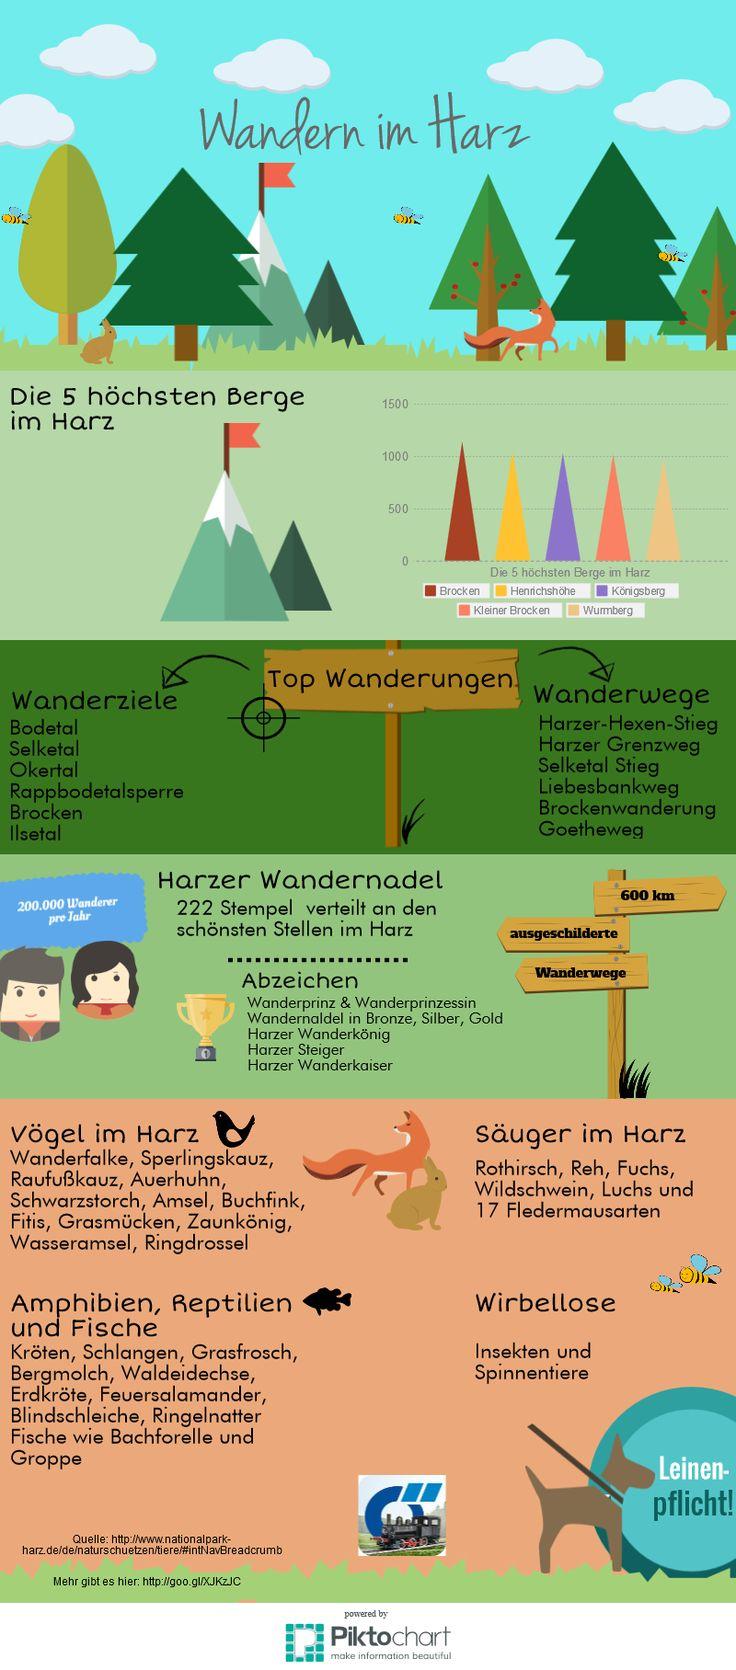 Unsere Infografik übers Wandern im Harz!  Mehr gibt es auf dem Harz App Blog:  http://www.harz-app.de/wandern-im-nationalpark-harz-infografik/  #Wandern #Harz #Infografik #infographic #nationalpark #tiere #natur #wald